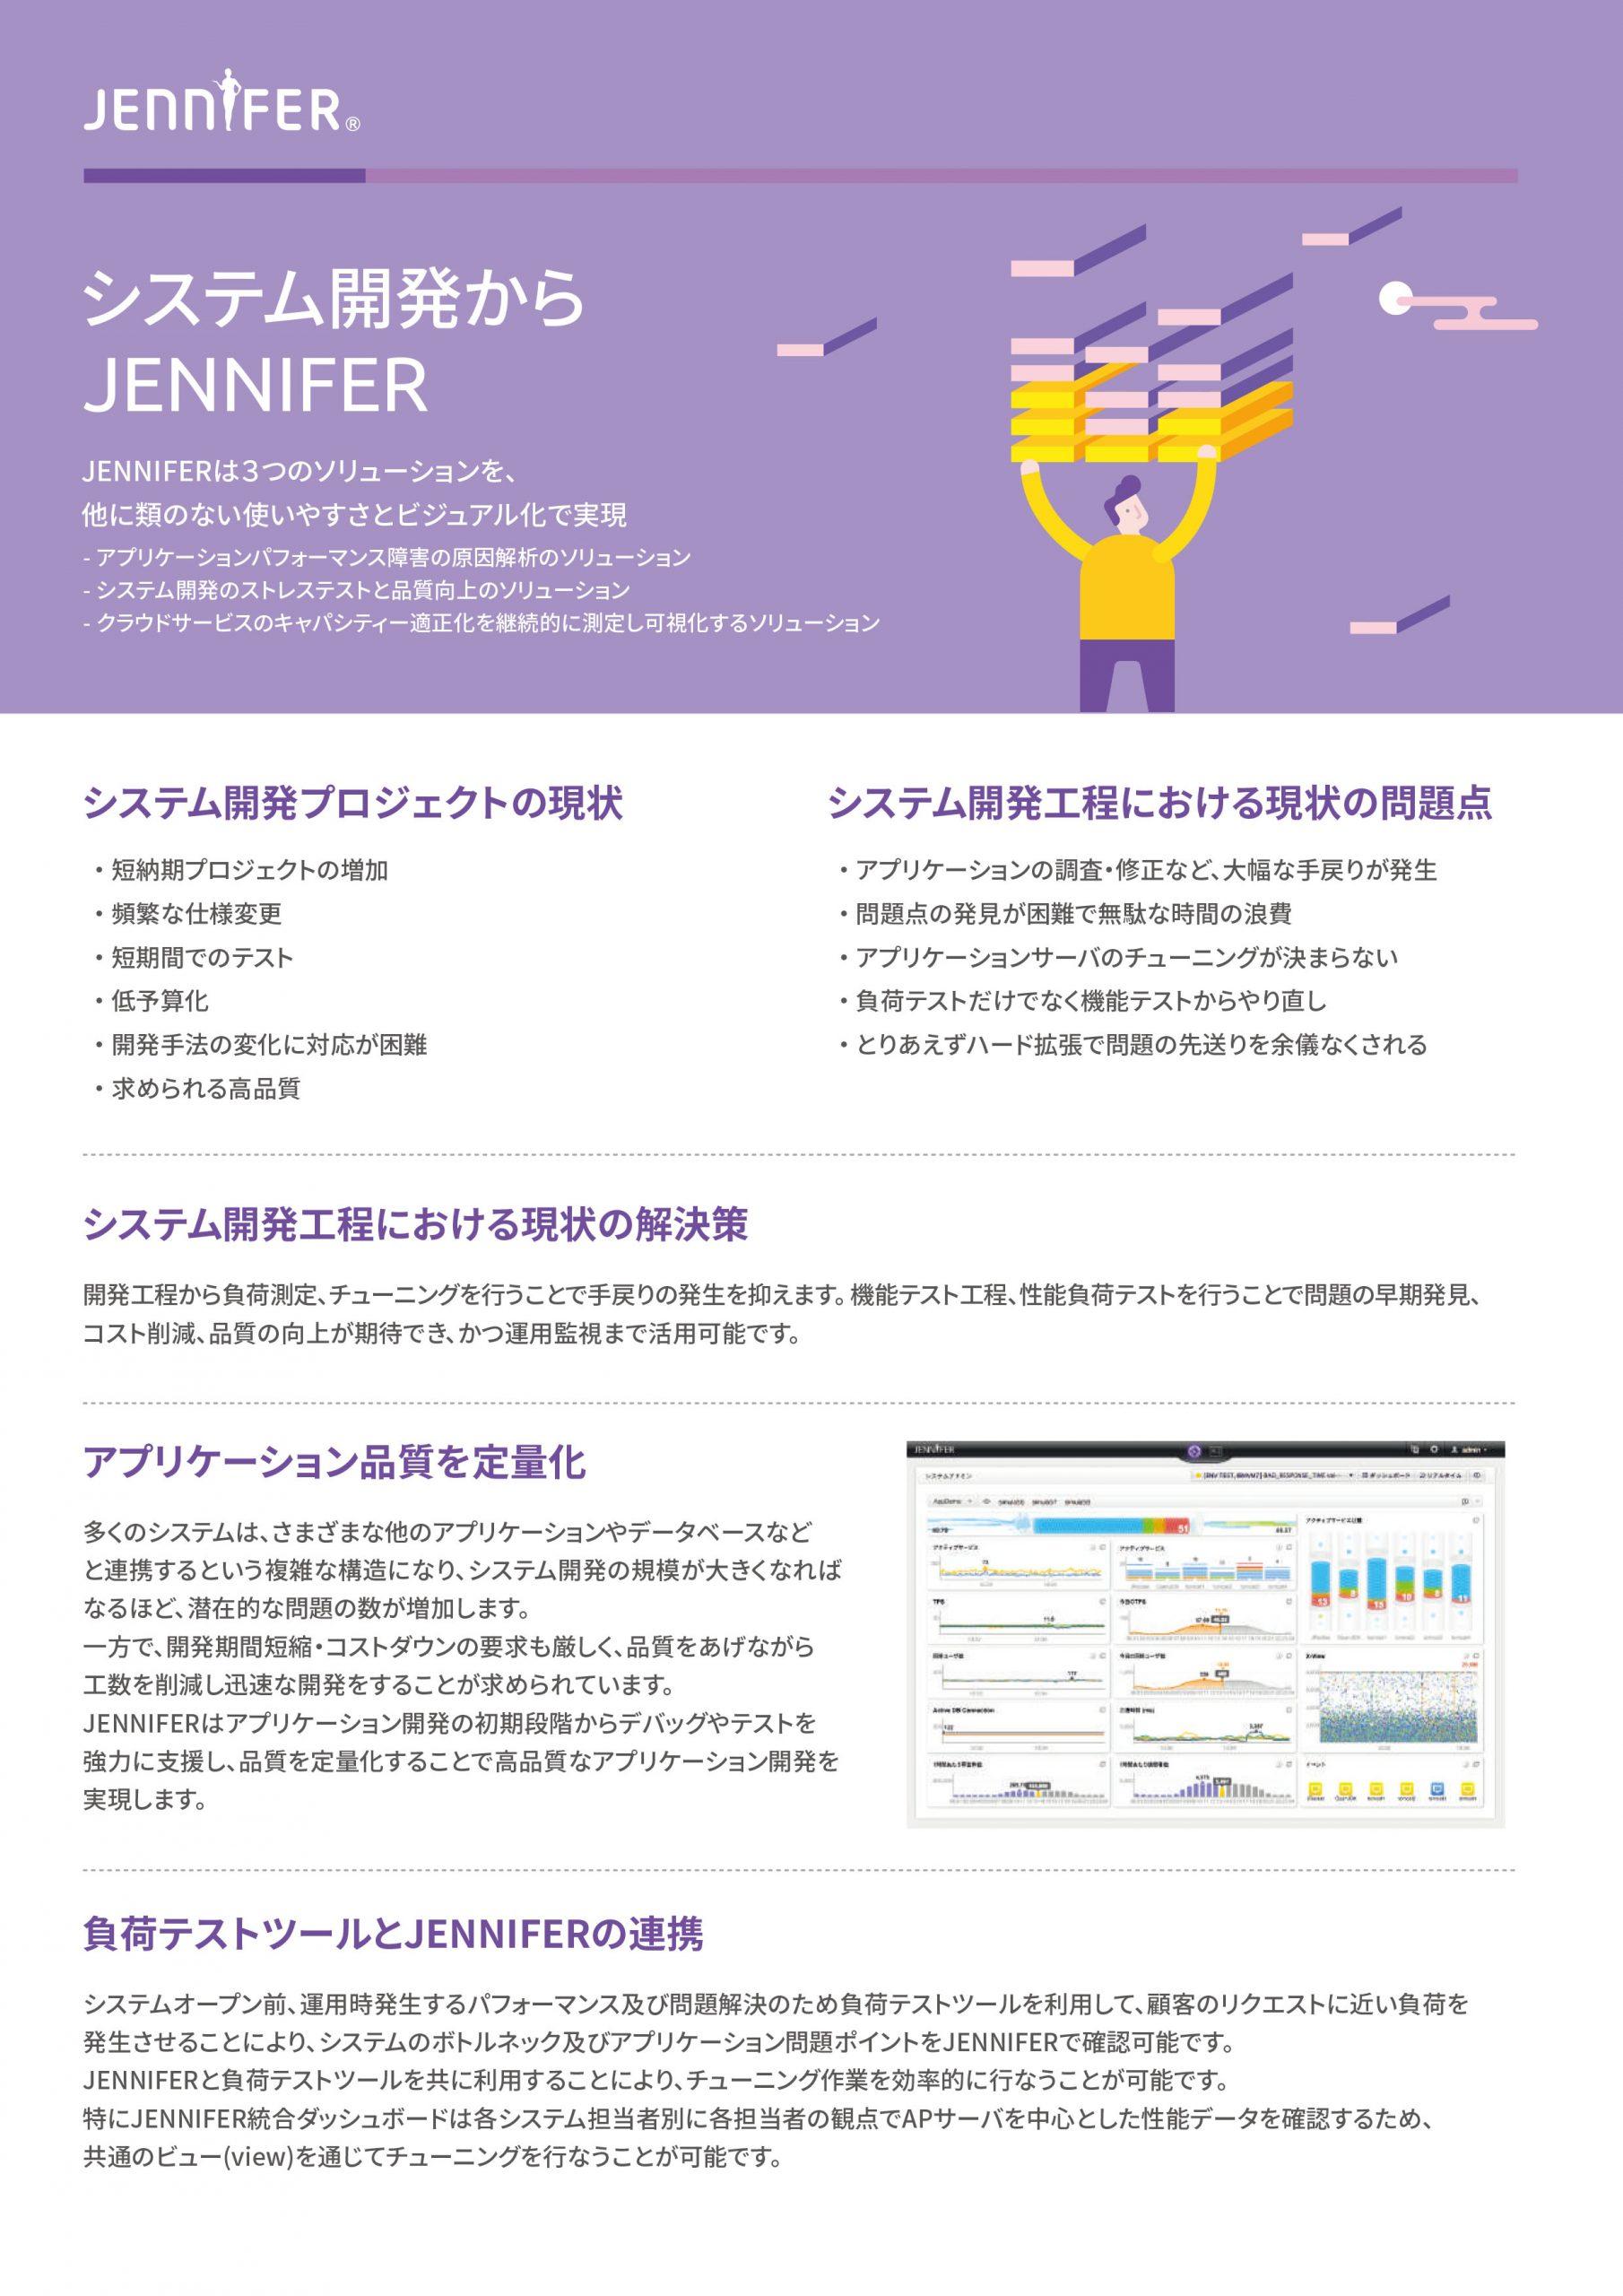 JENNIFER<br>システム開発のサムネイル